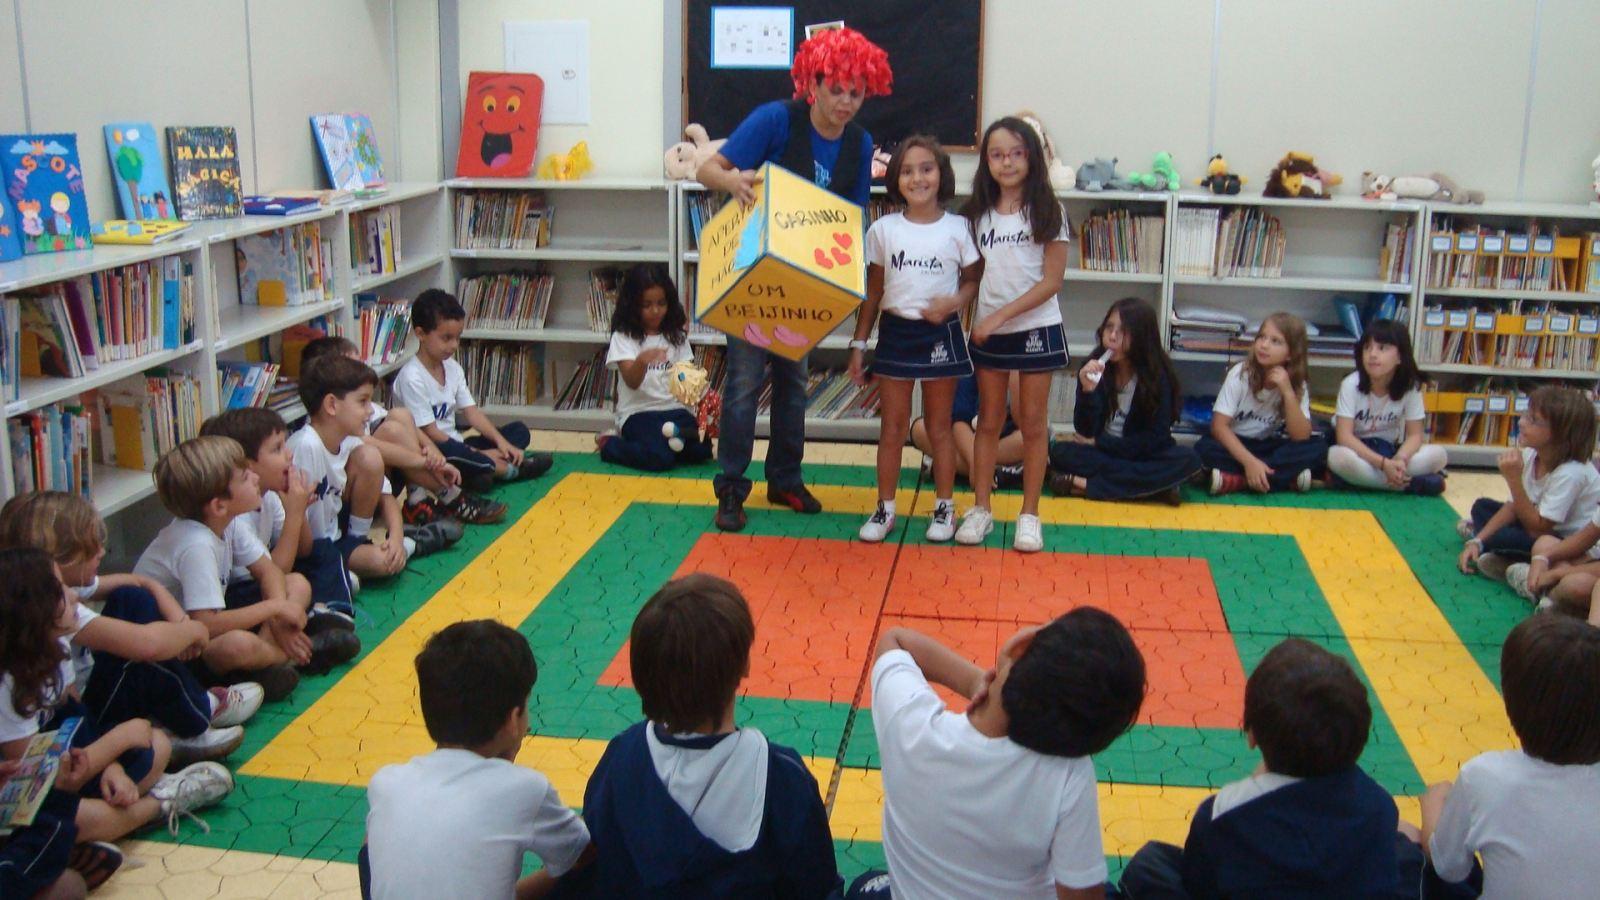 Top ATIVIDADES RECREATIVAS PARA EDUCAÇÃO INFANTIL +70 Ideias WI34